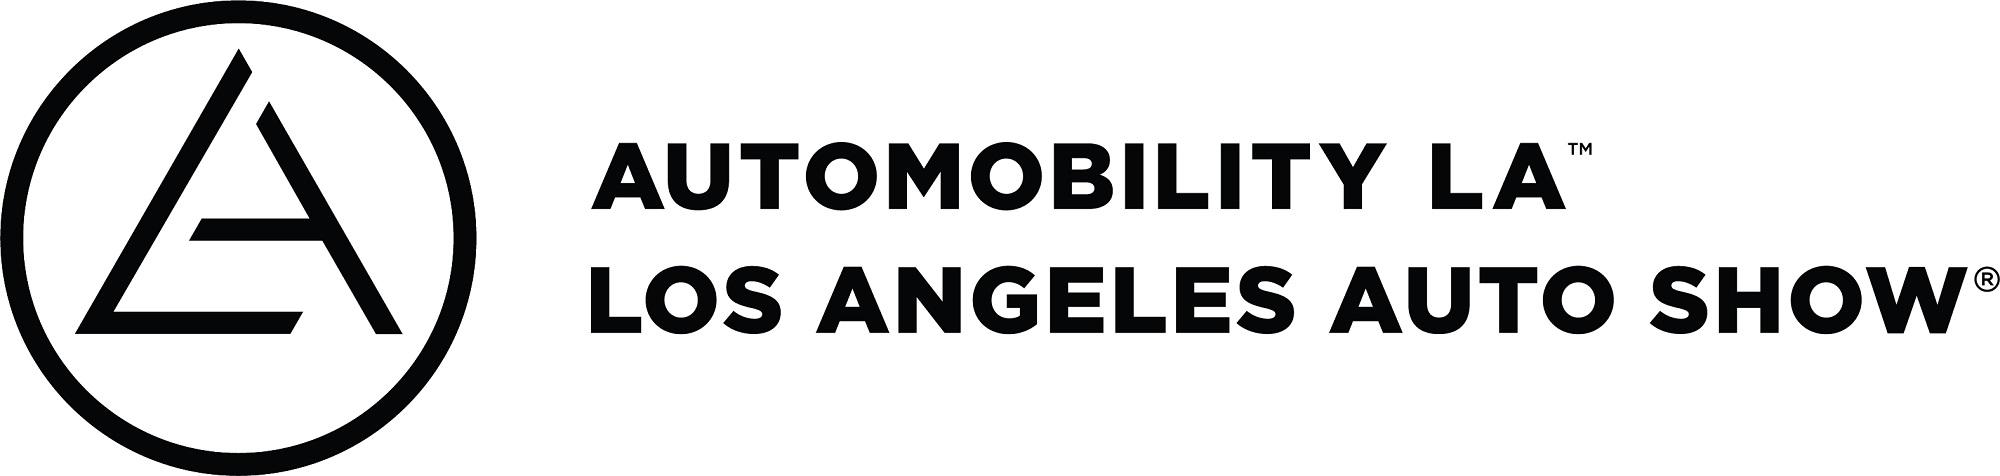 Amazon Web Services, HERE Technologies und SiriusXM Connected Vehicle Services Inc. sind Sponsoren des Hackathon der AutoMobility LA(TM) 2019 der Los Angeles Auto Show